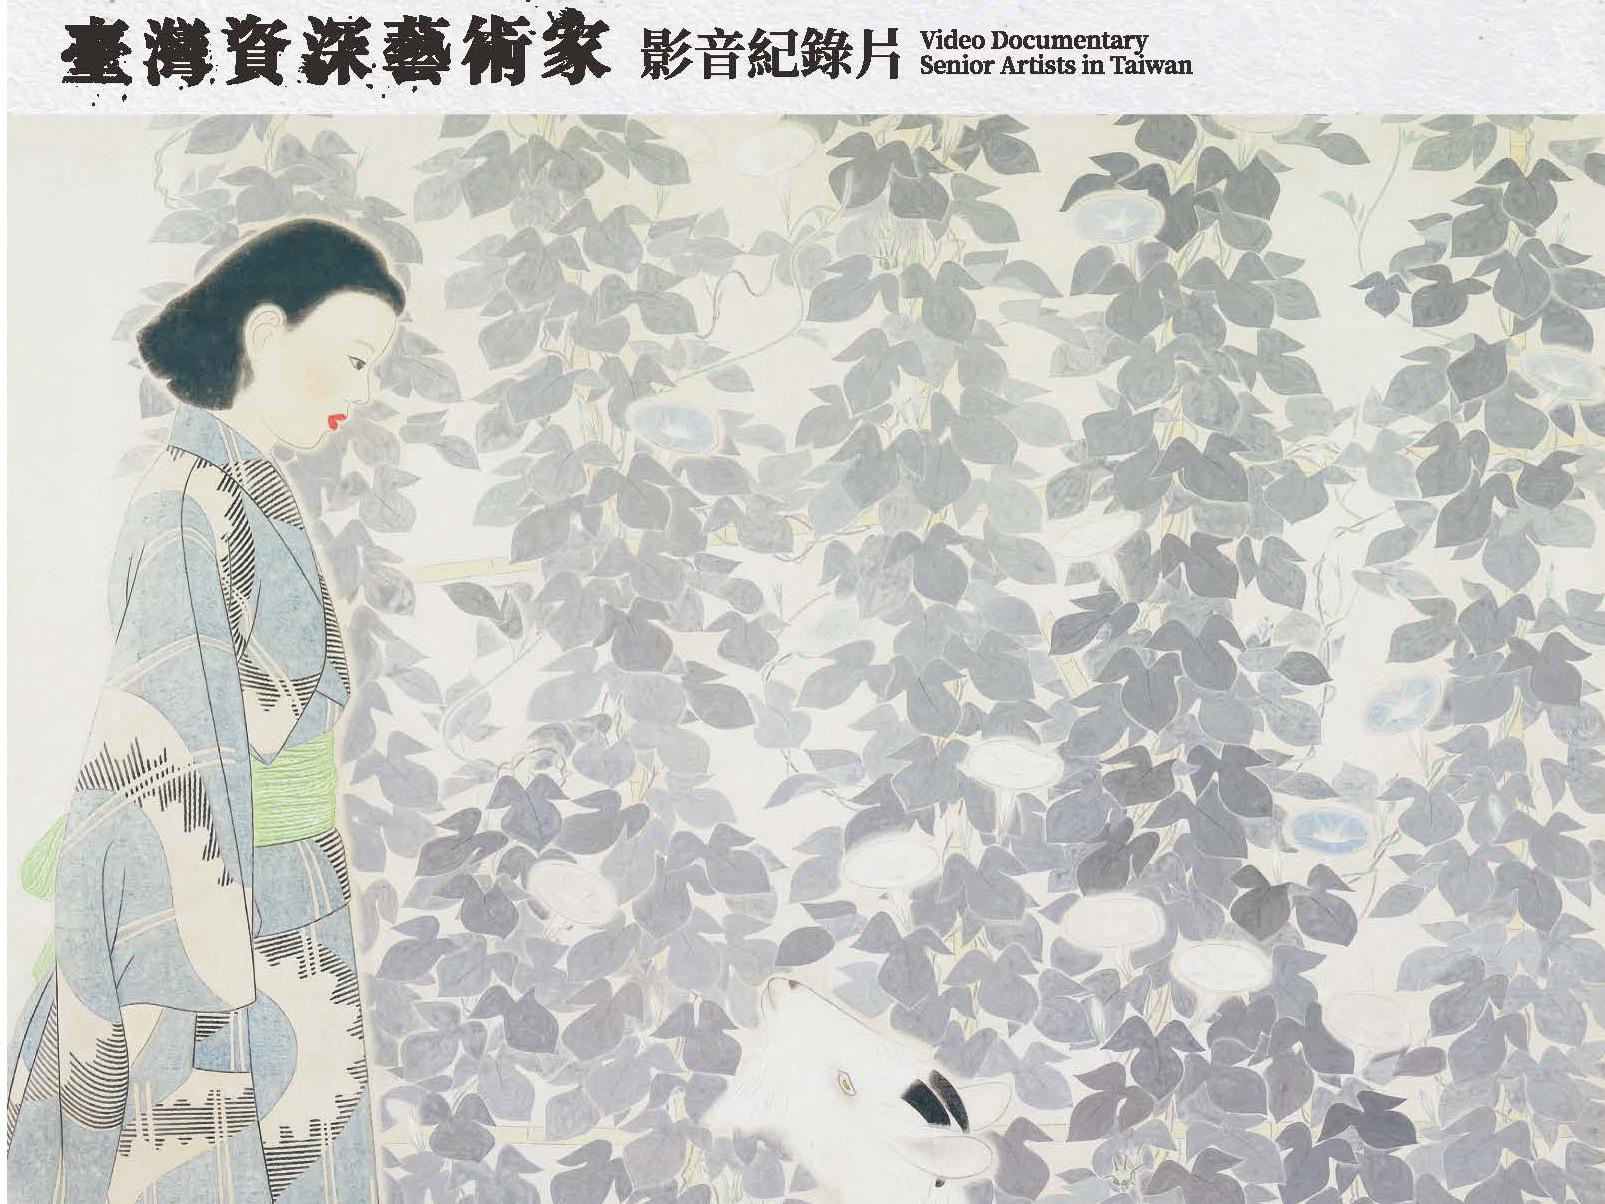 臺灣資深藝術家影音紀錄片-林之助